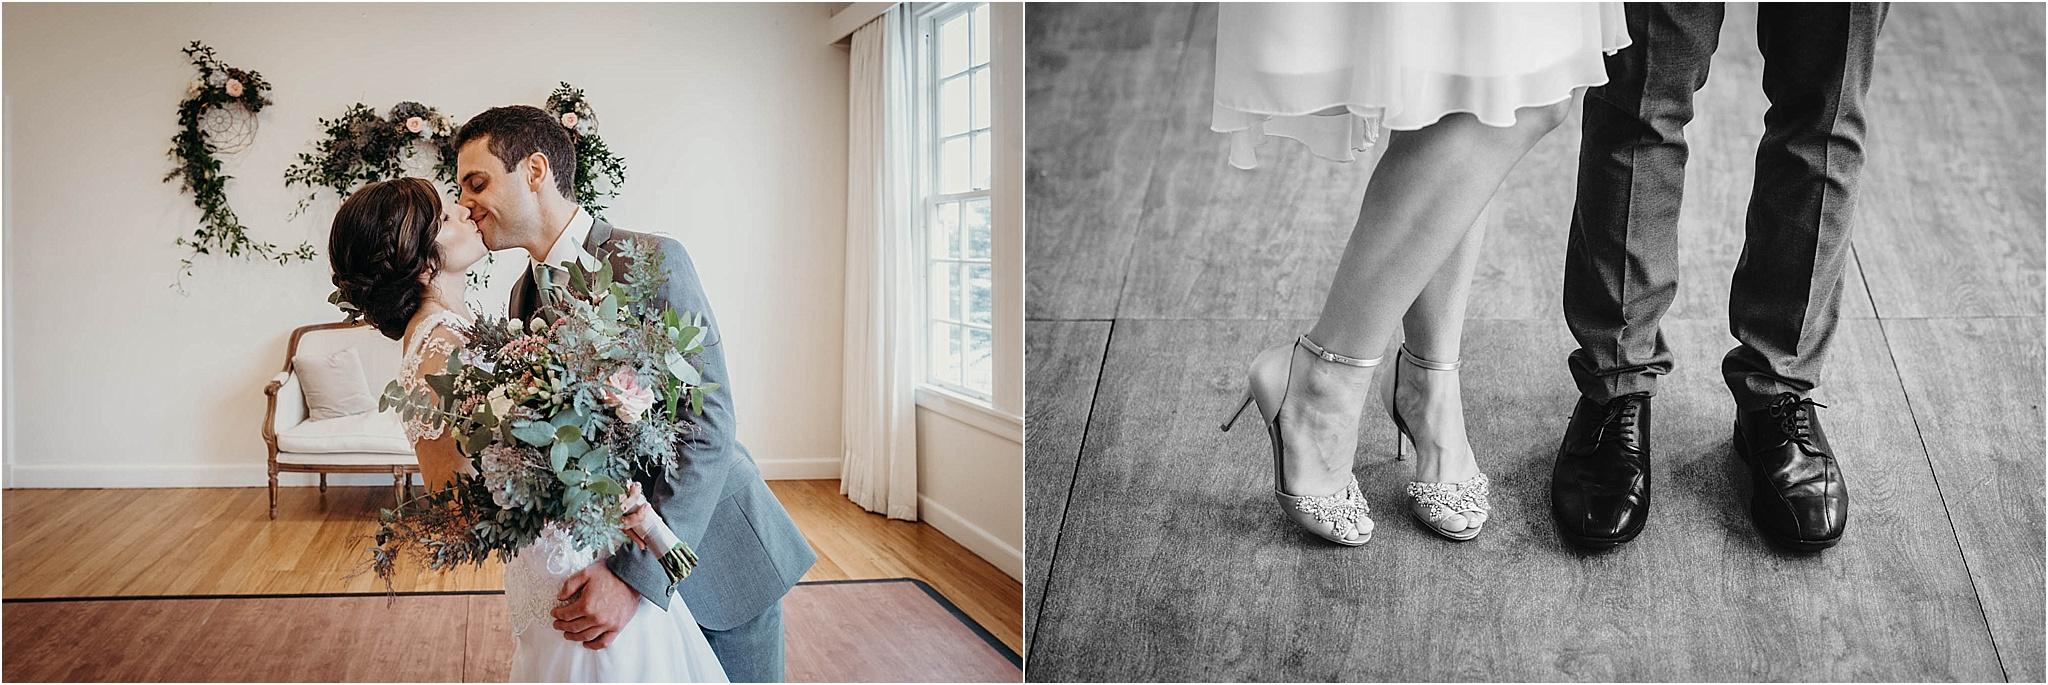 Auckland-Wedding-Photographer-Vanessa-Julian-Officers-Mess-Married_0020.jpg